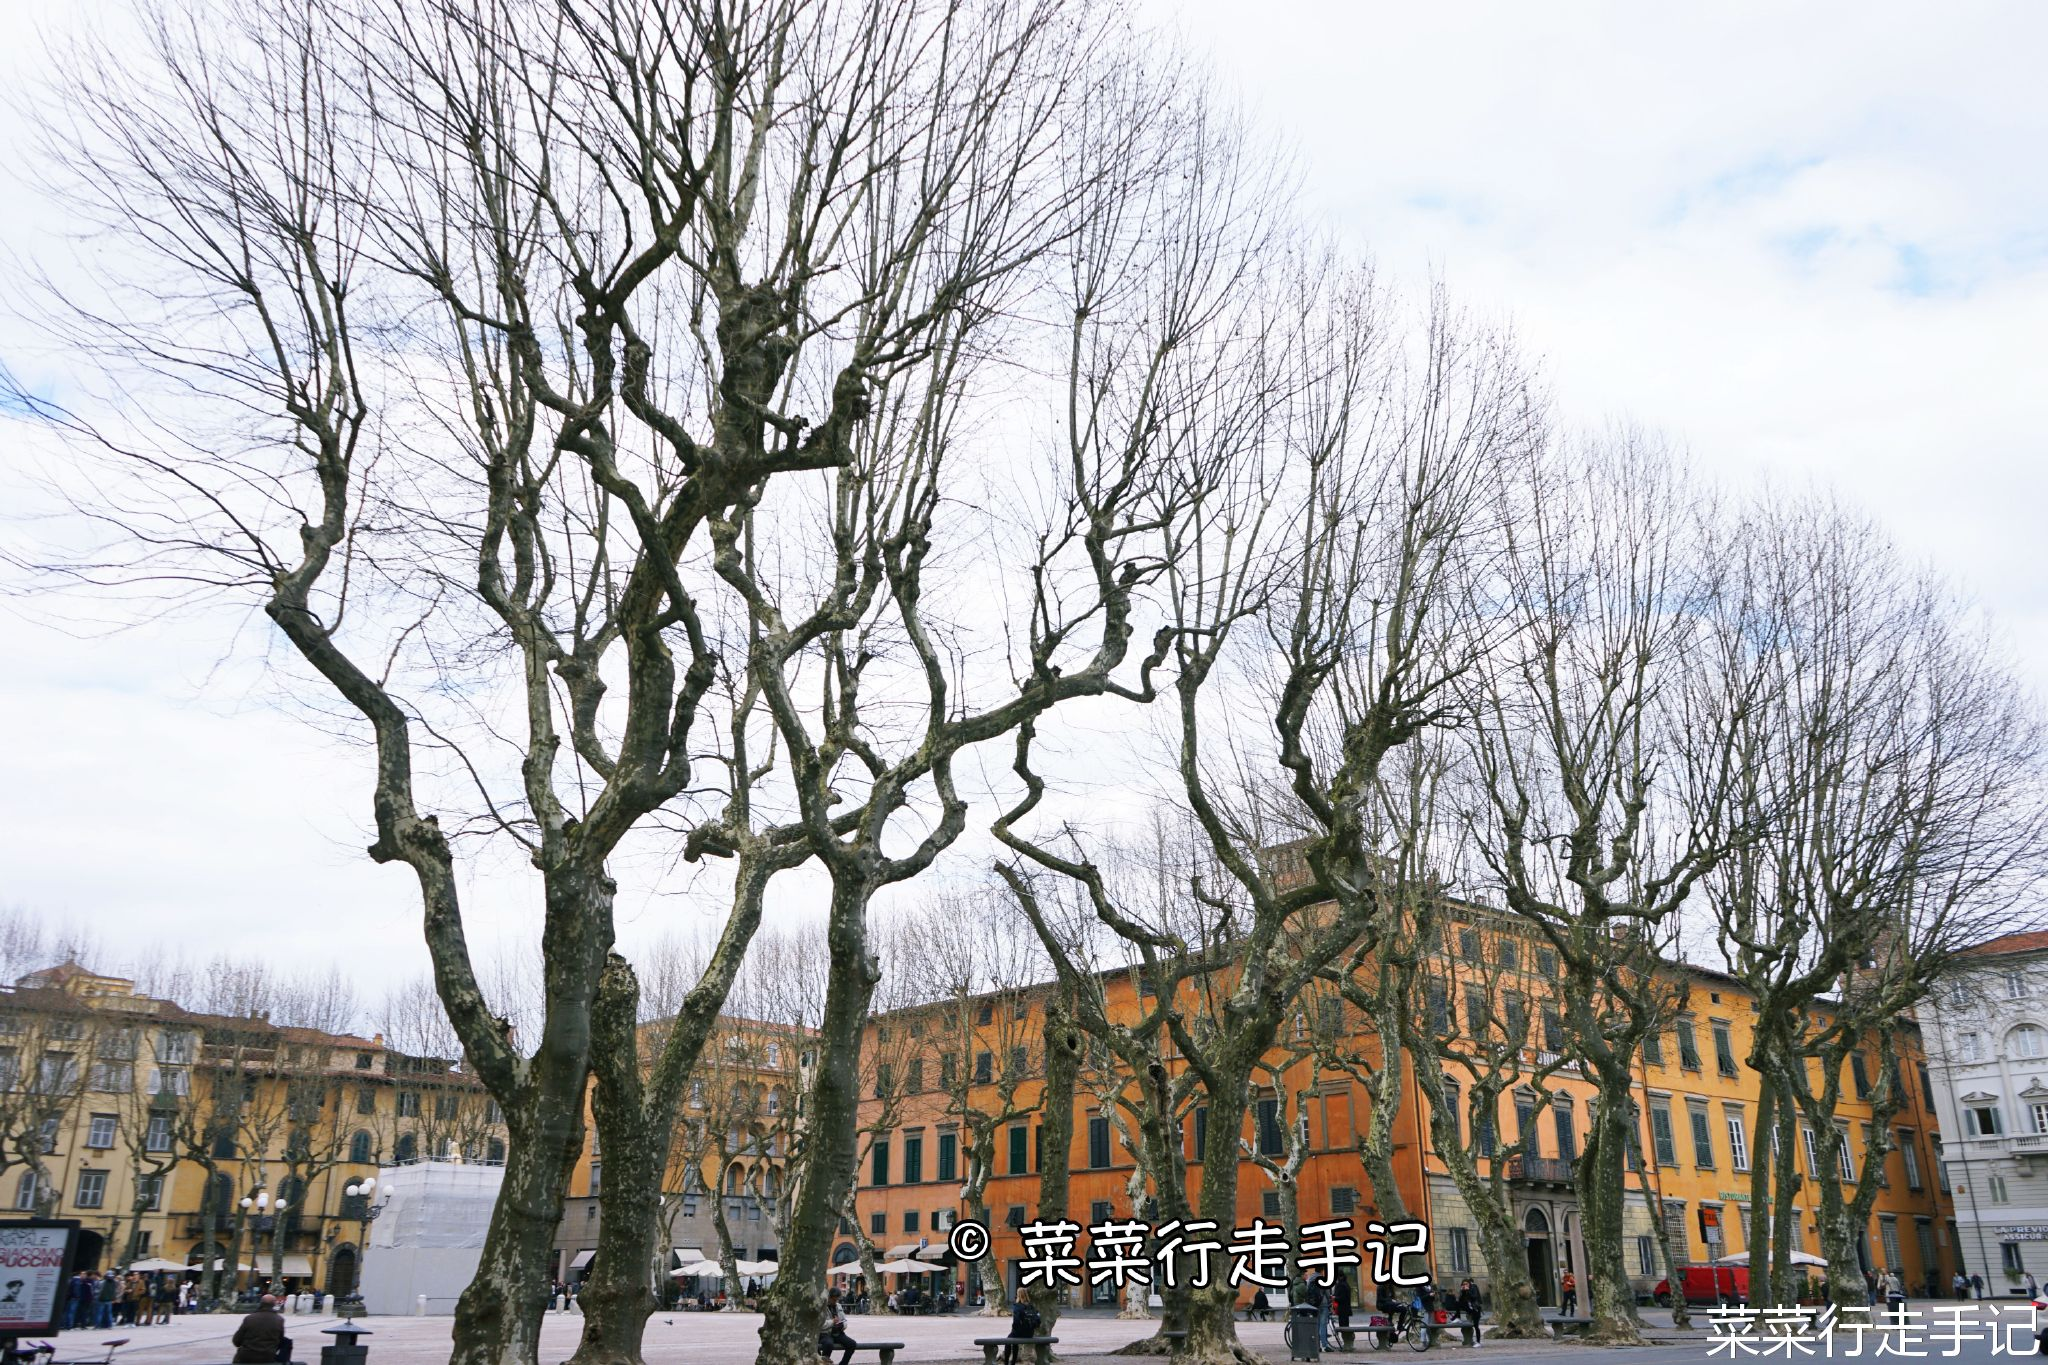 意大利|卢卡,作曲家普契尼成长的城市